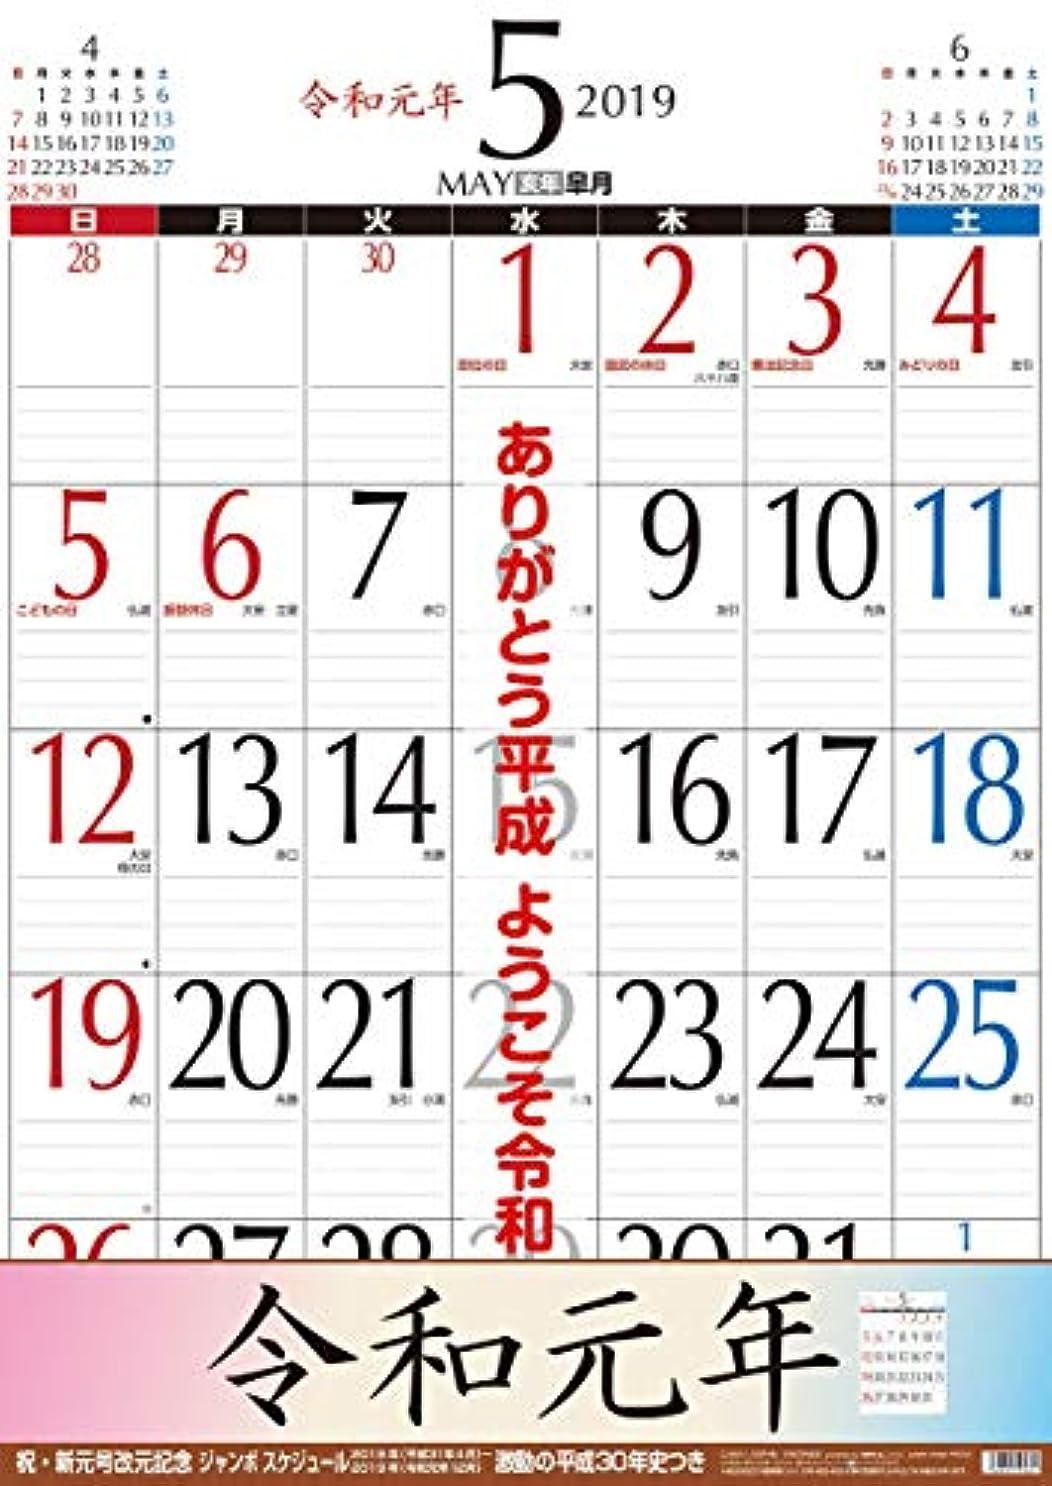 申し込む静的悩む令和 新元号 改元 記念 ジャンボ スケジュール 2019年 カレンダー CL-8004 75×52cm 2019年4月から2019年12月まで 4月始まり